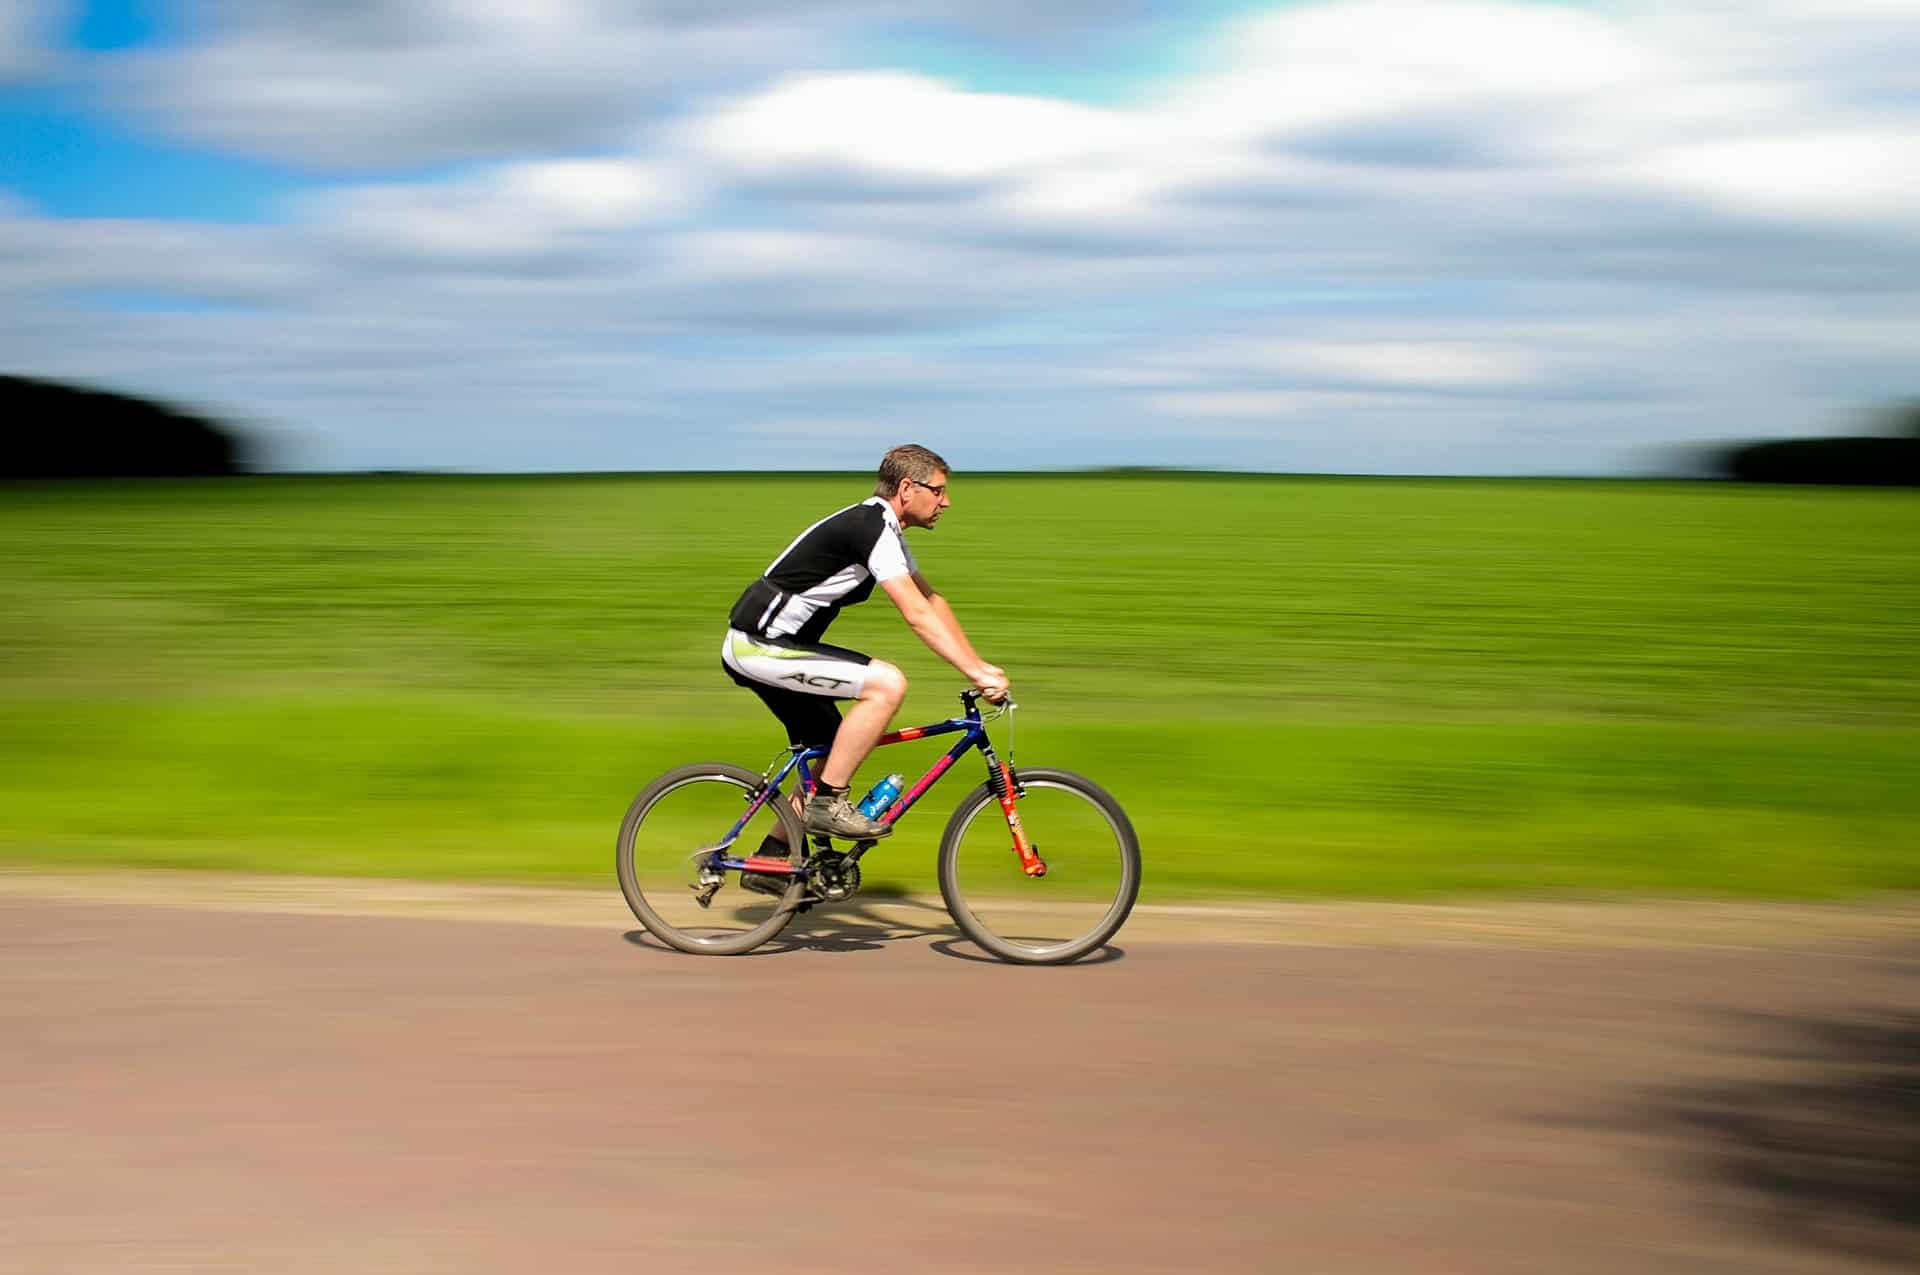 Un homme pratiquant le cyclisme sur route